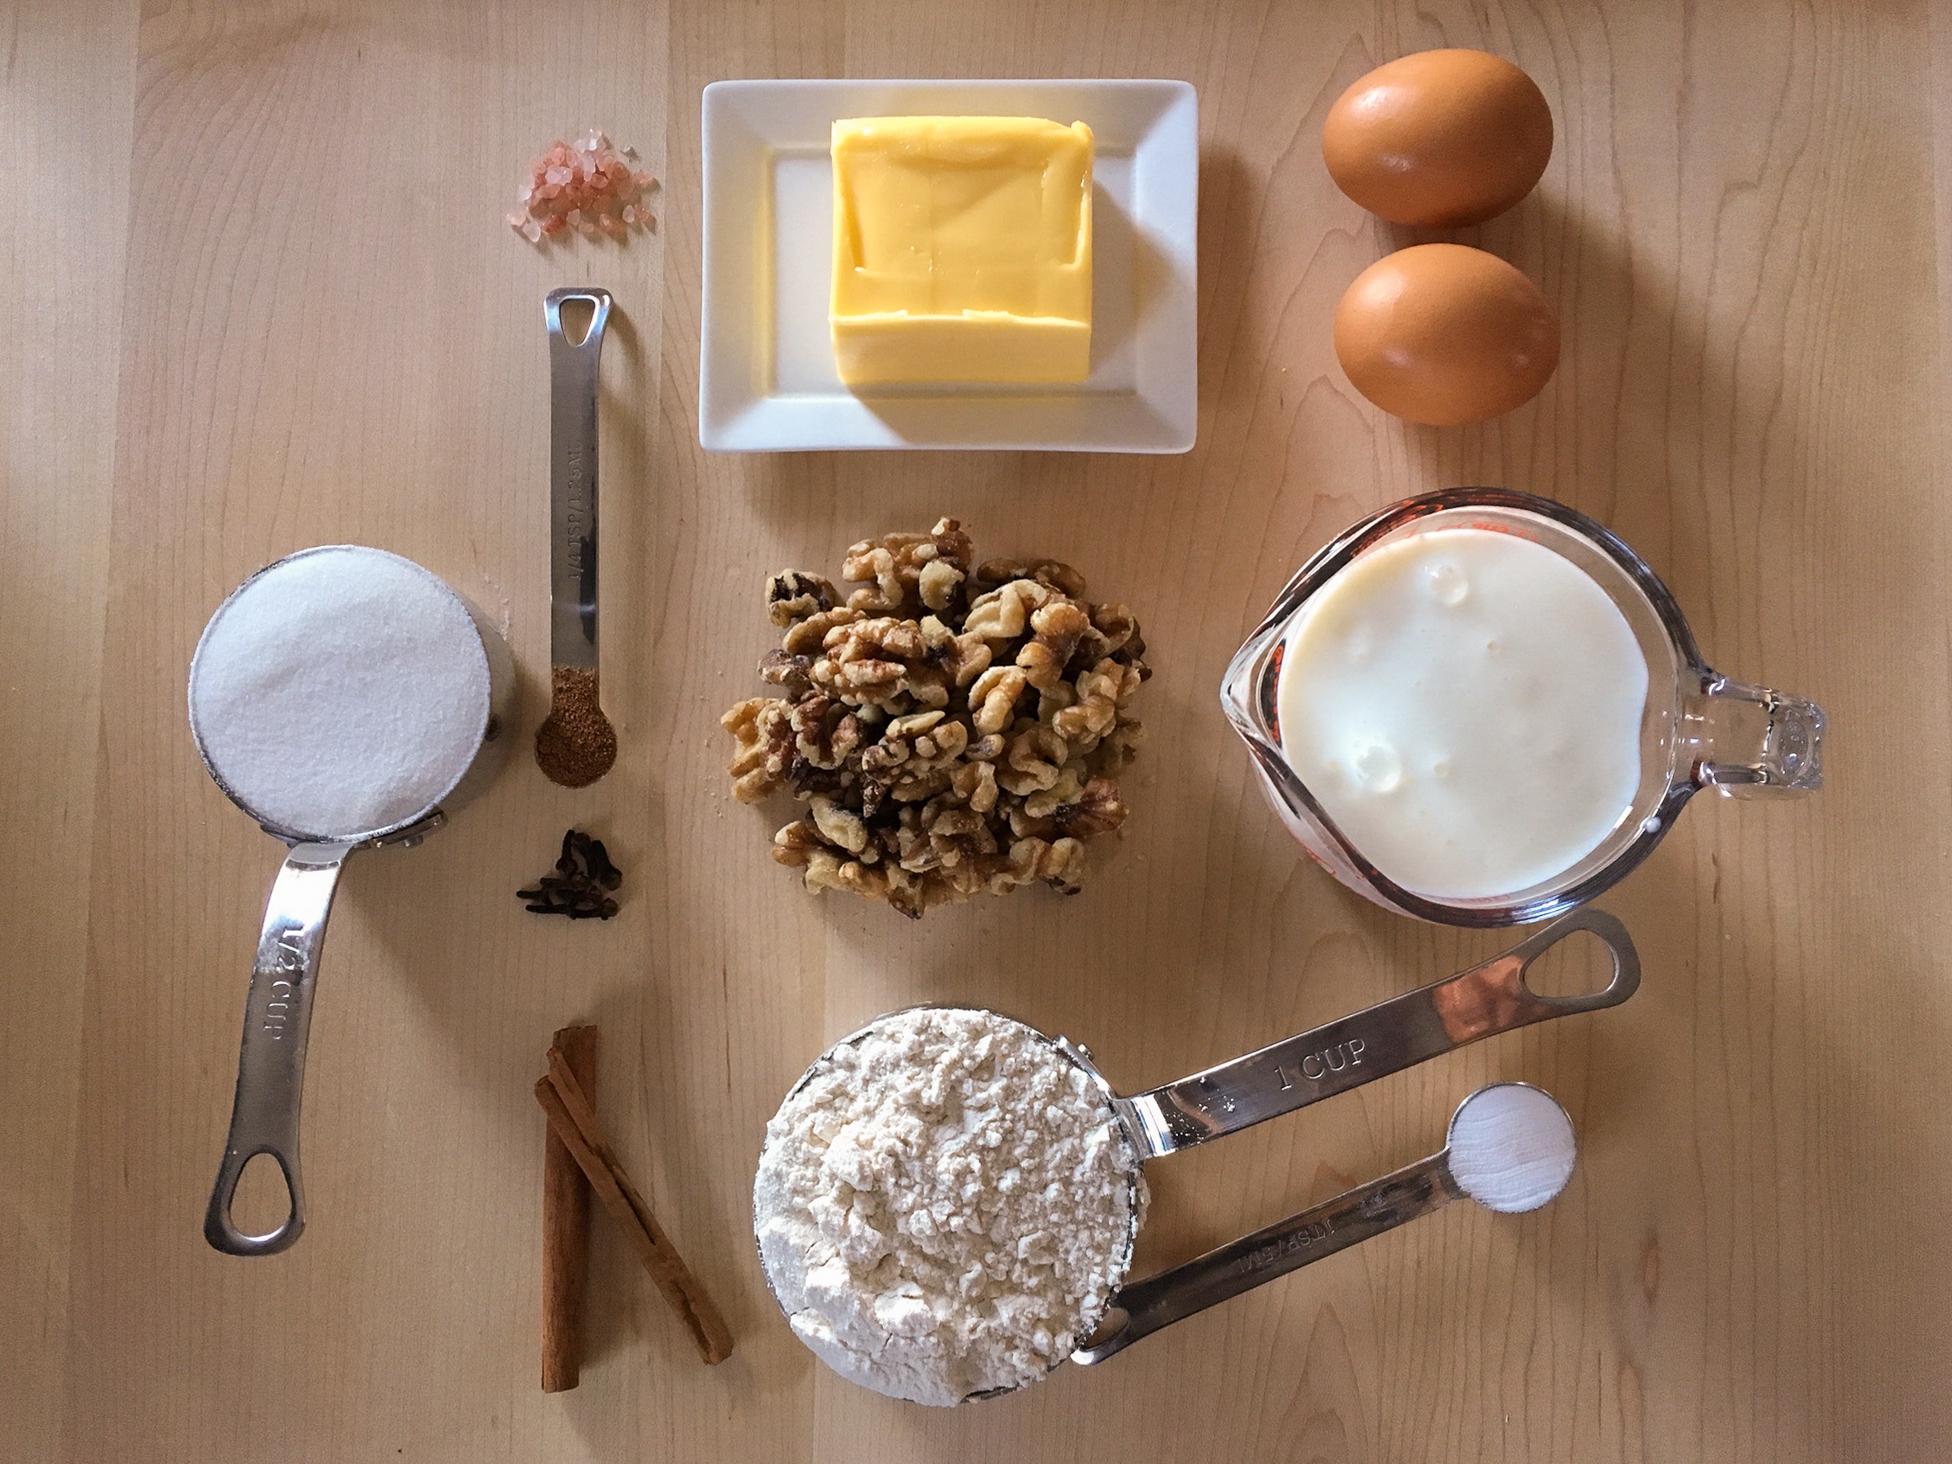 nutcake ingredients